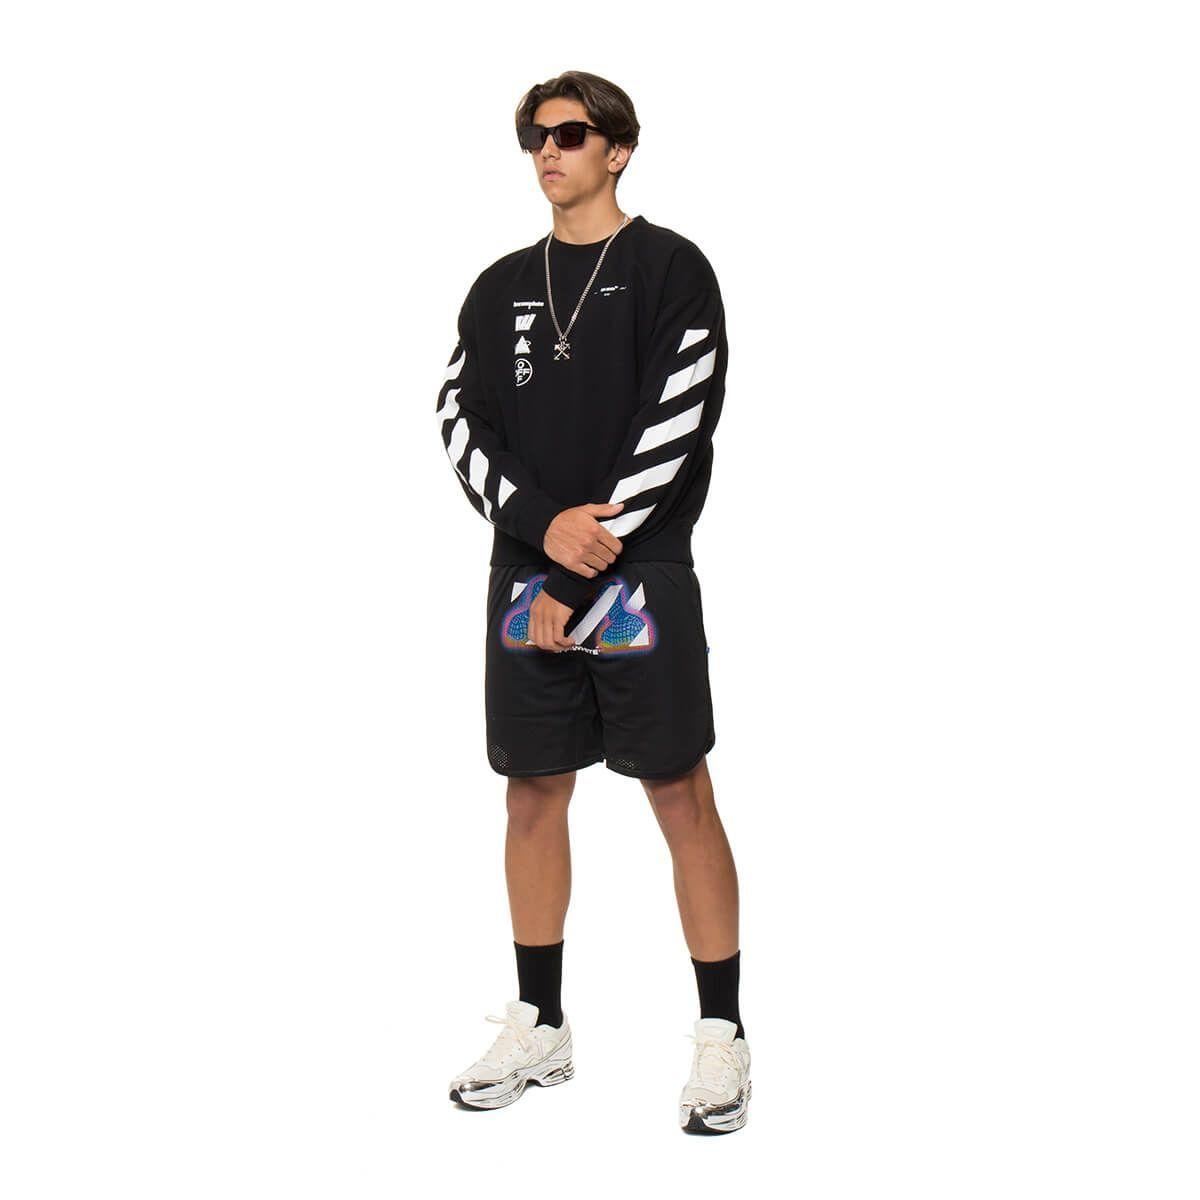 Off White Diag Mariana De Silva Sweatshirt In Black Modesens [ 1200 x 1200 Pixel ]